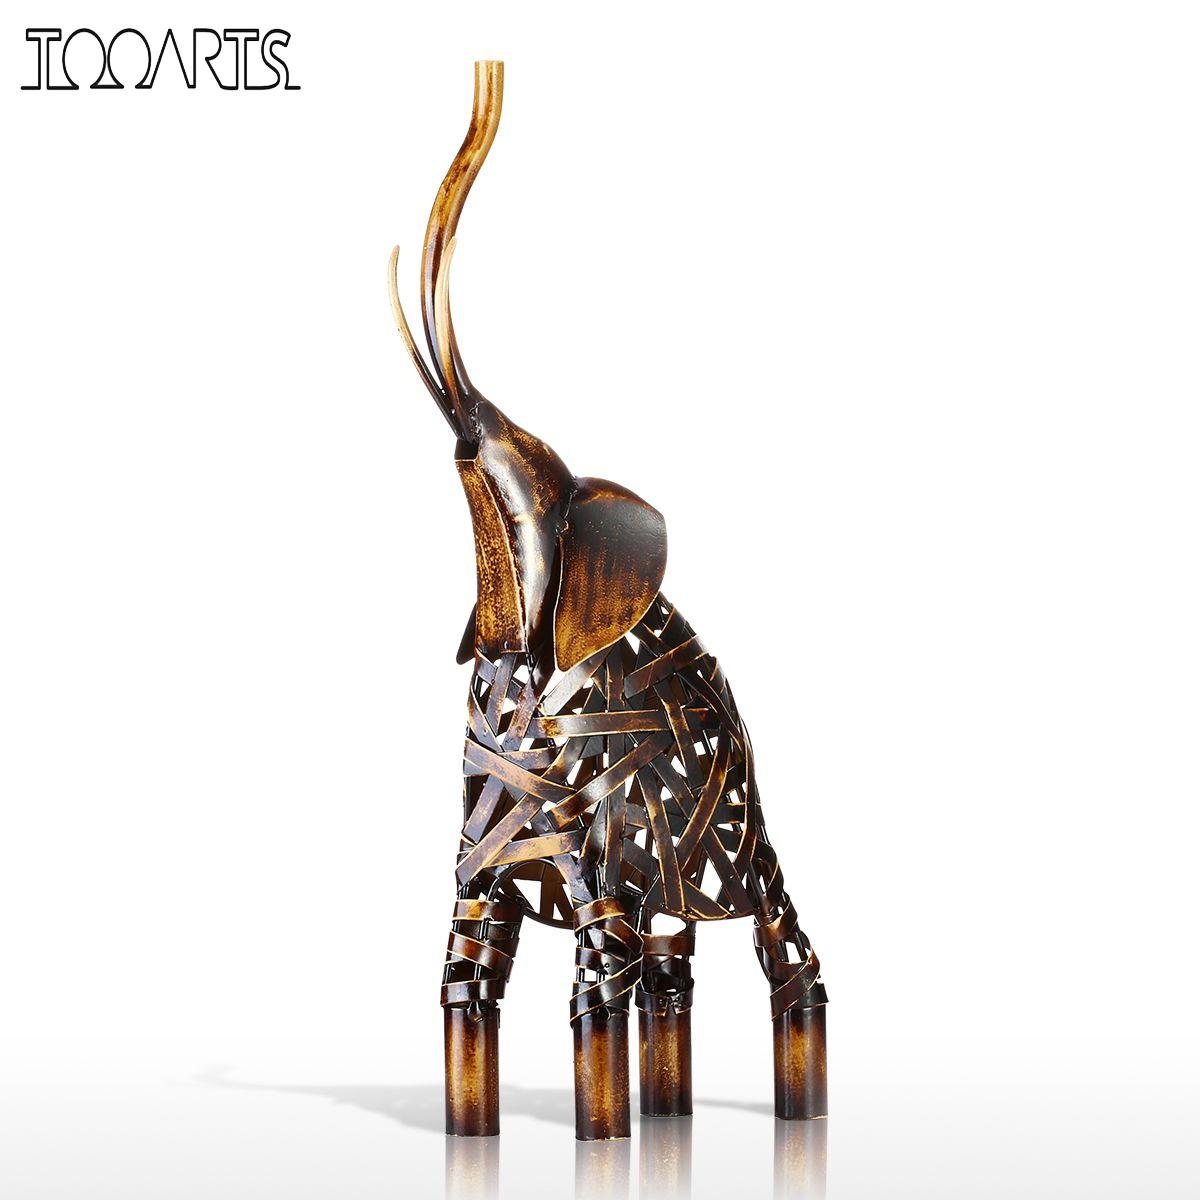 Tooarts Metallo Tessitura Elefante Figurine Ferro Figurine Complementi Arredo Casa Artigianato Animale del Mestiere Del Regalo Per La Casa Ufficio